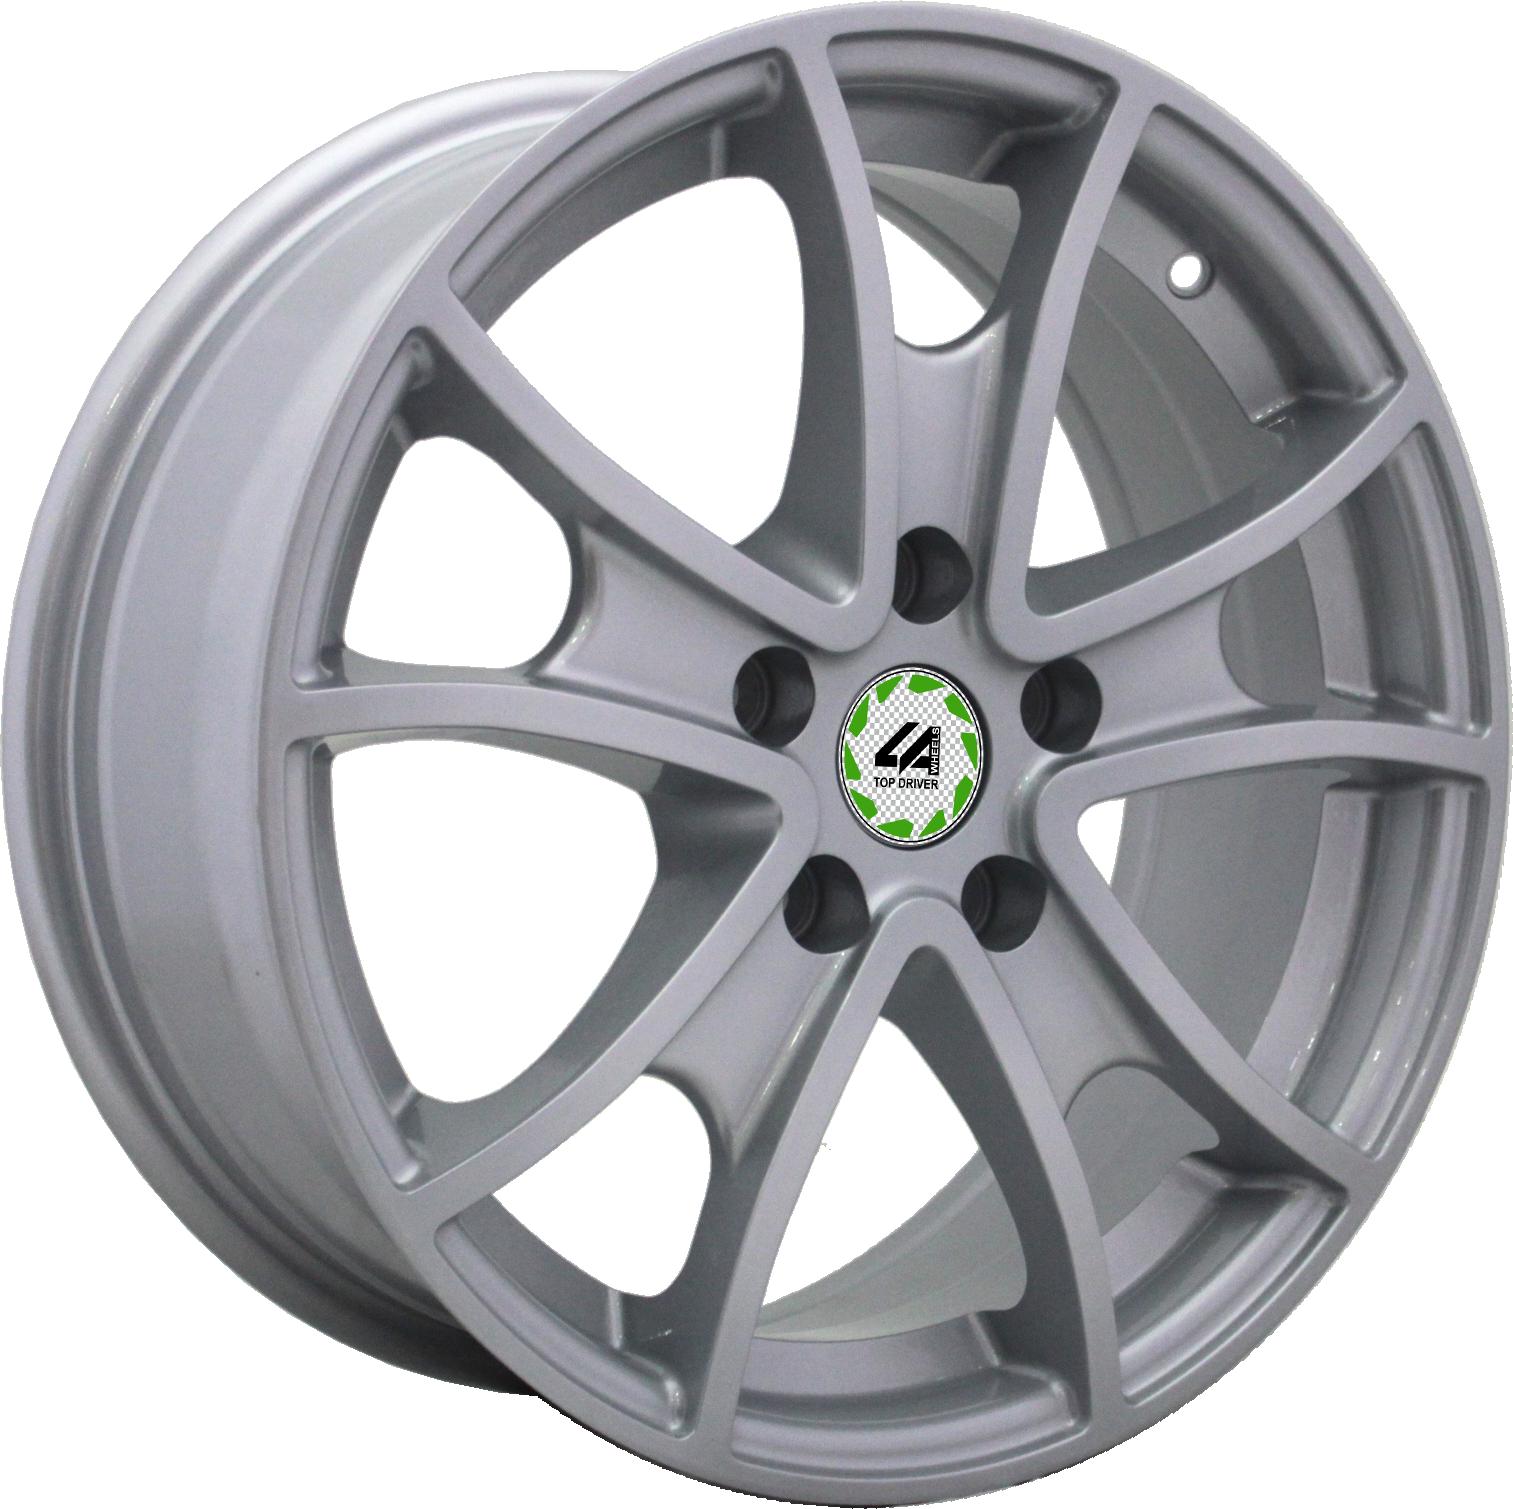 Top Driver F9-S 6.5x16/5x108 ET50 D63.3 S REPLICA TD SPECIAL SERIES 9199776